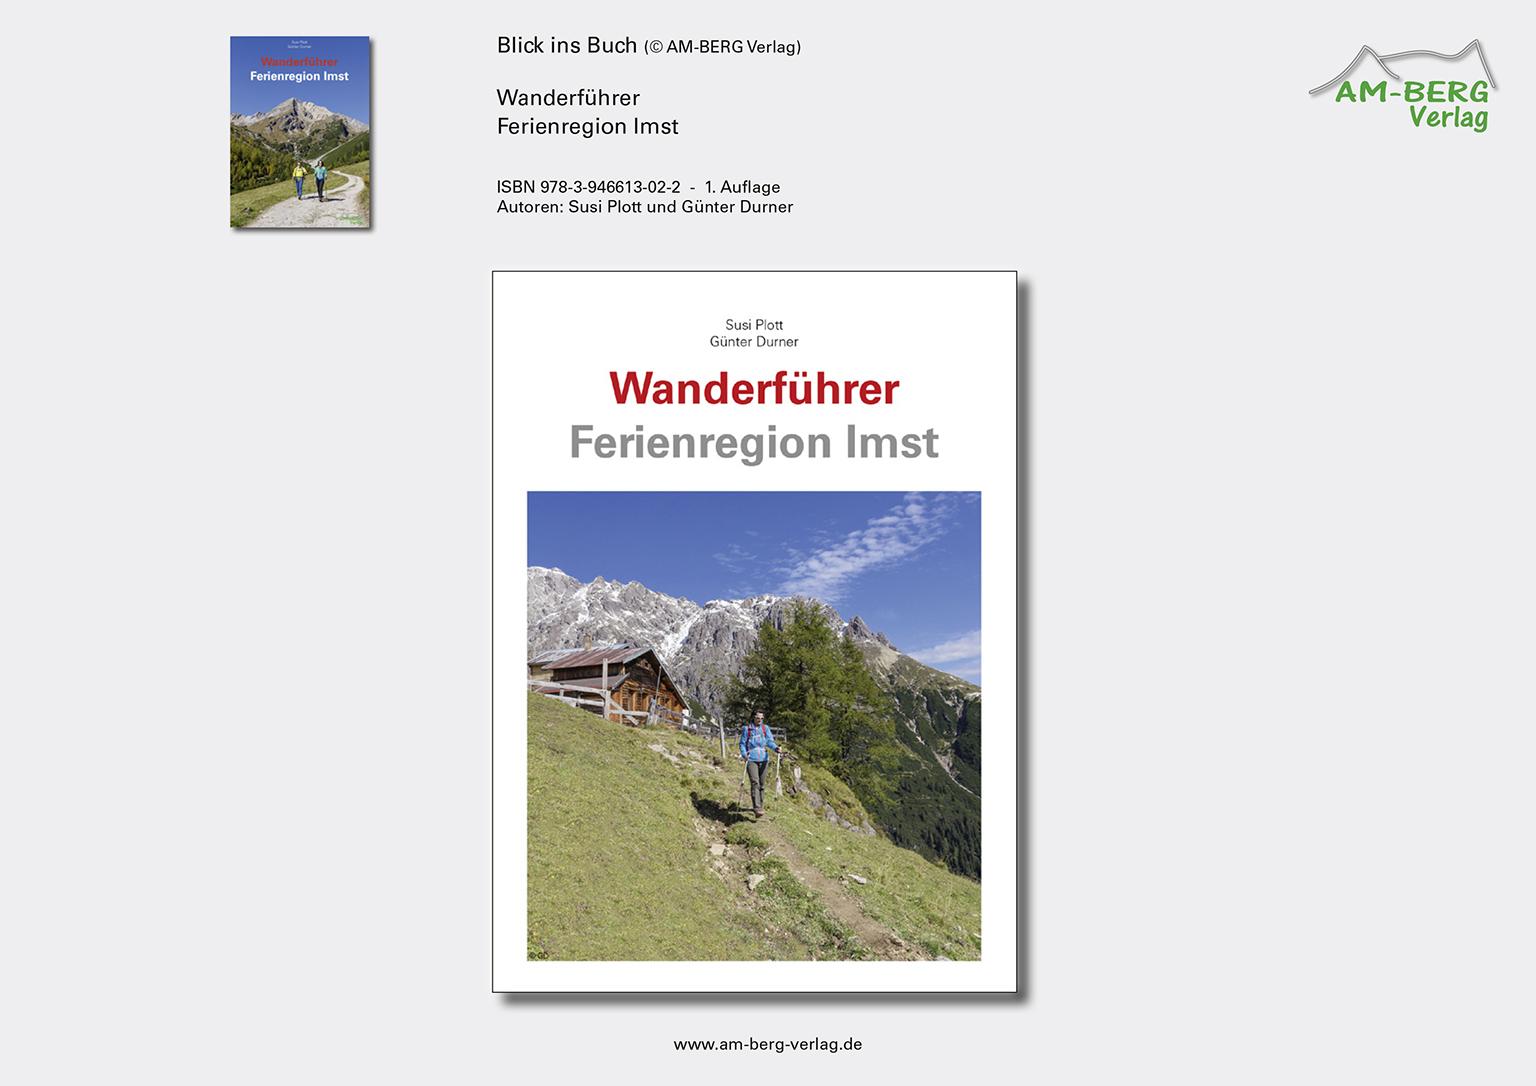 Wanderführer Ferienregion Imst_BlickinsBuch01